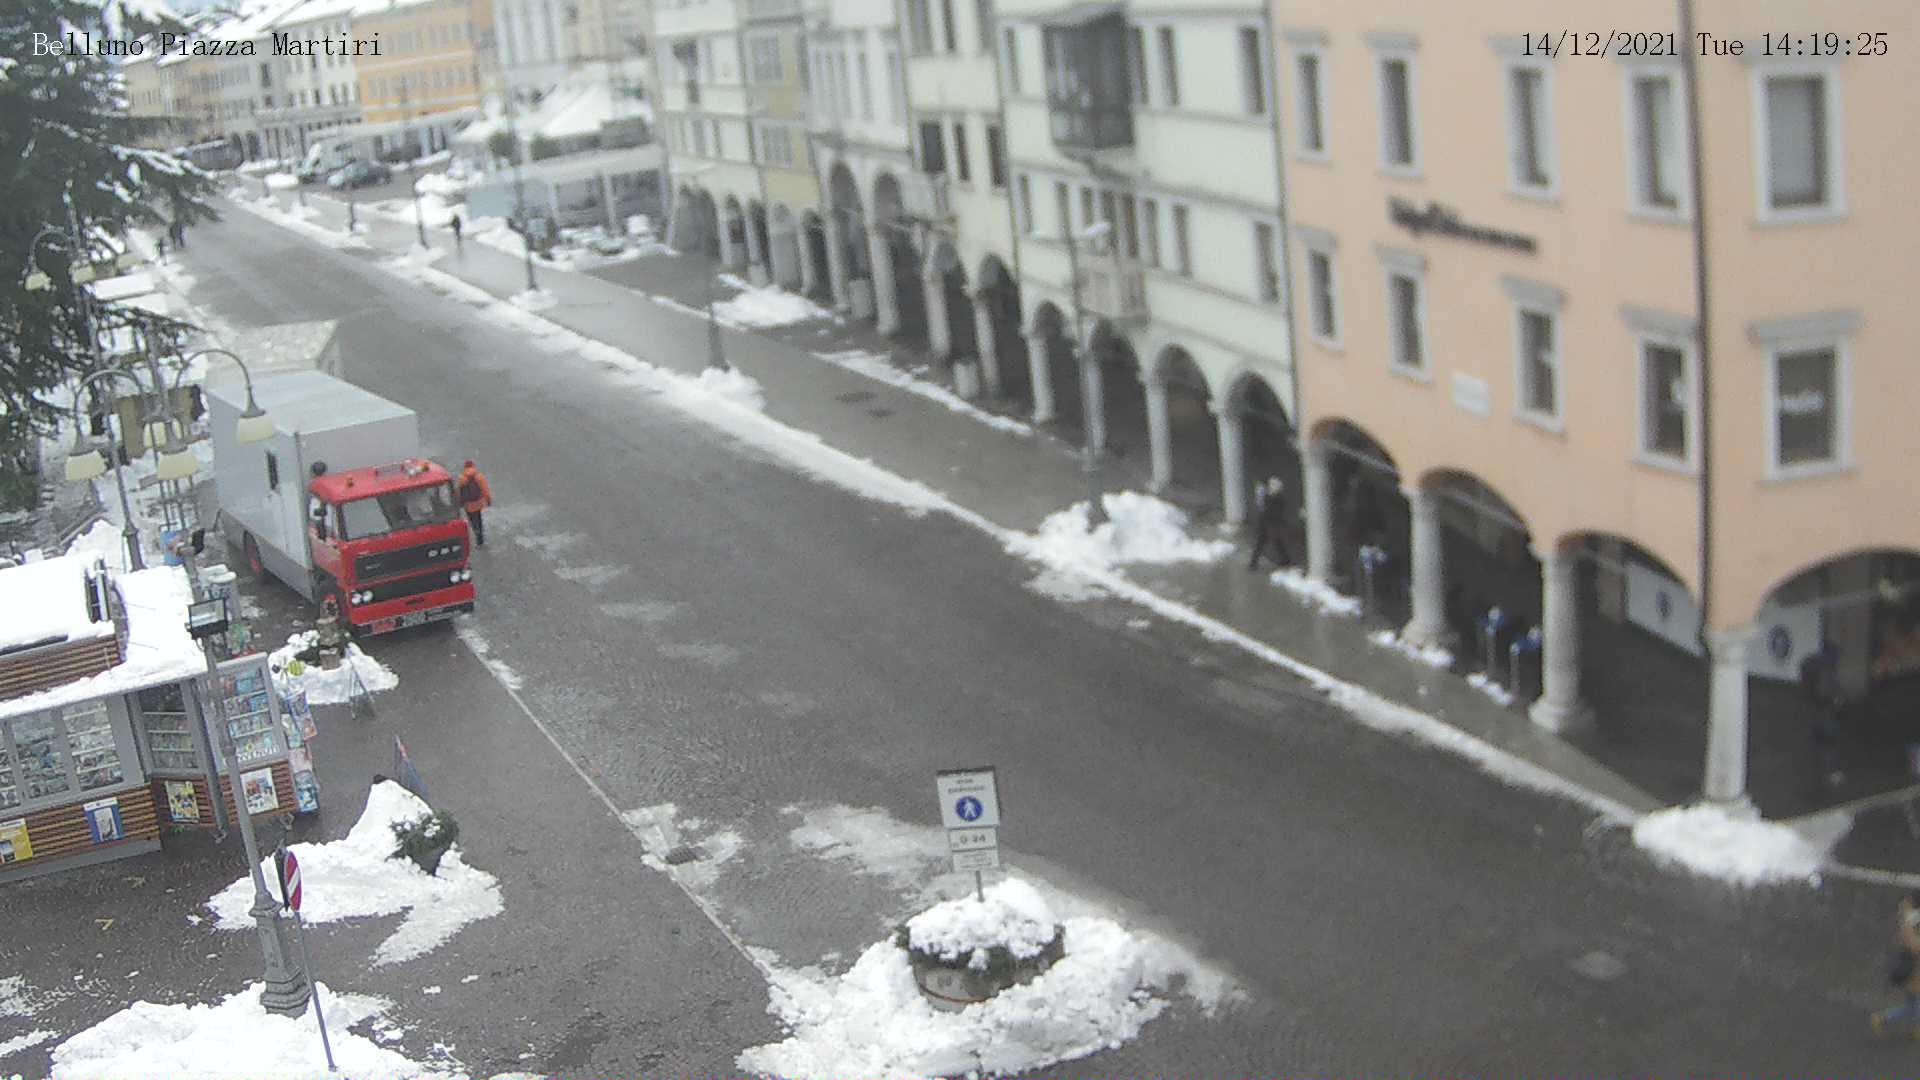 Webcam Comune di Belluno: piazza dei Martiri